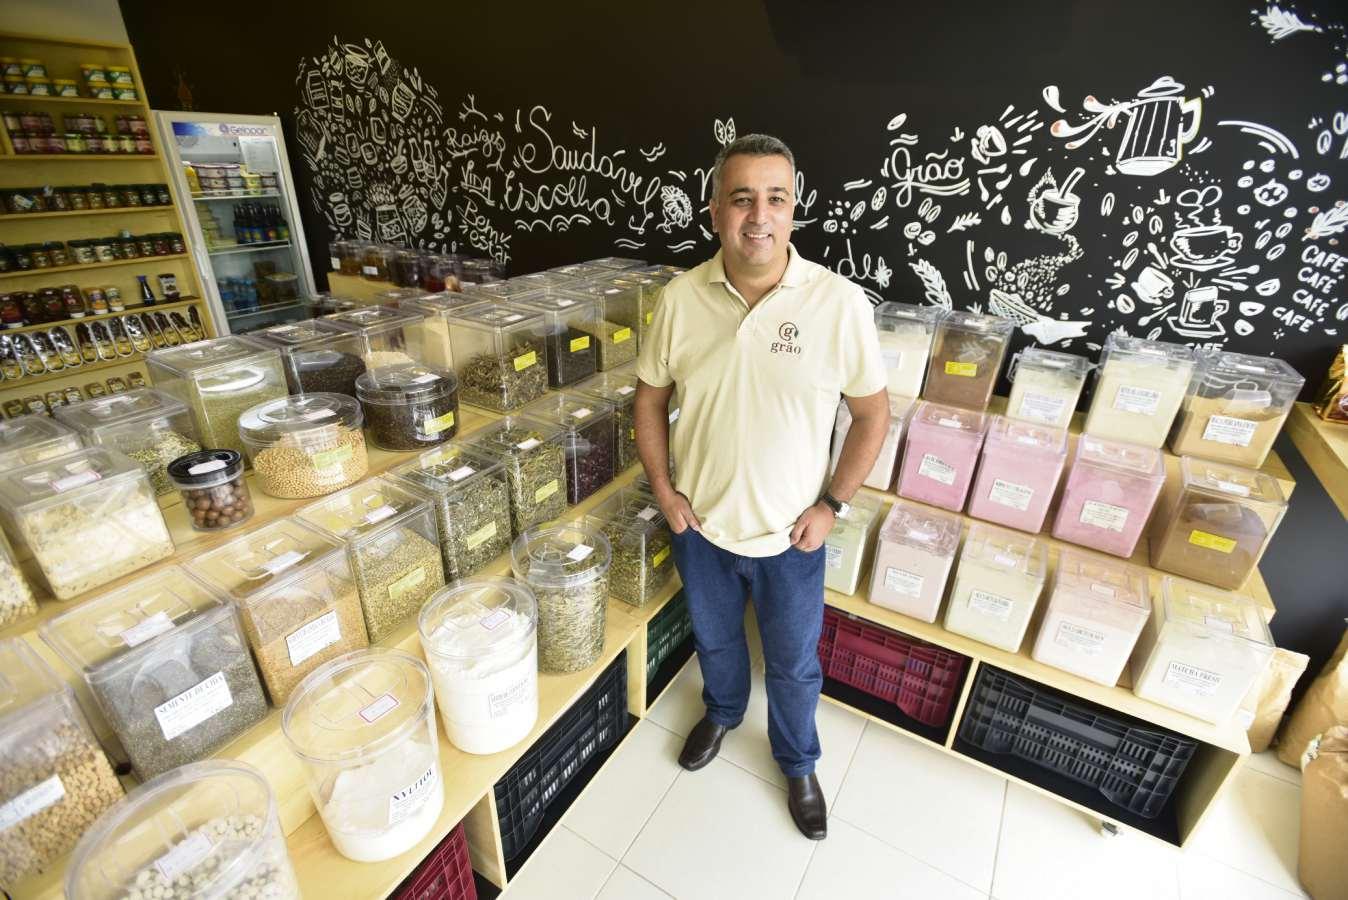 Andrei Martinez abriu em dezembro um empório de produtos naturais, grãos e temperos a granel. Crédito: Marcelo Prest